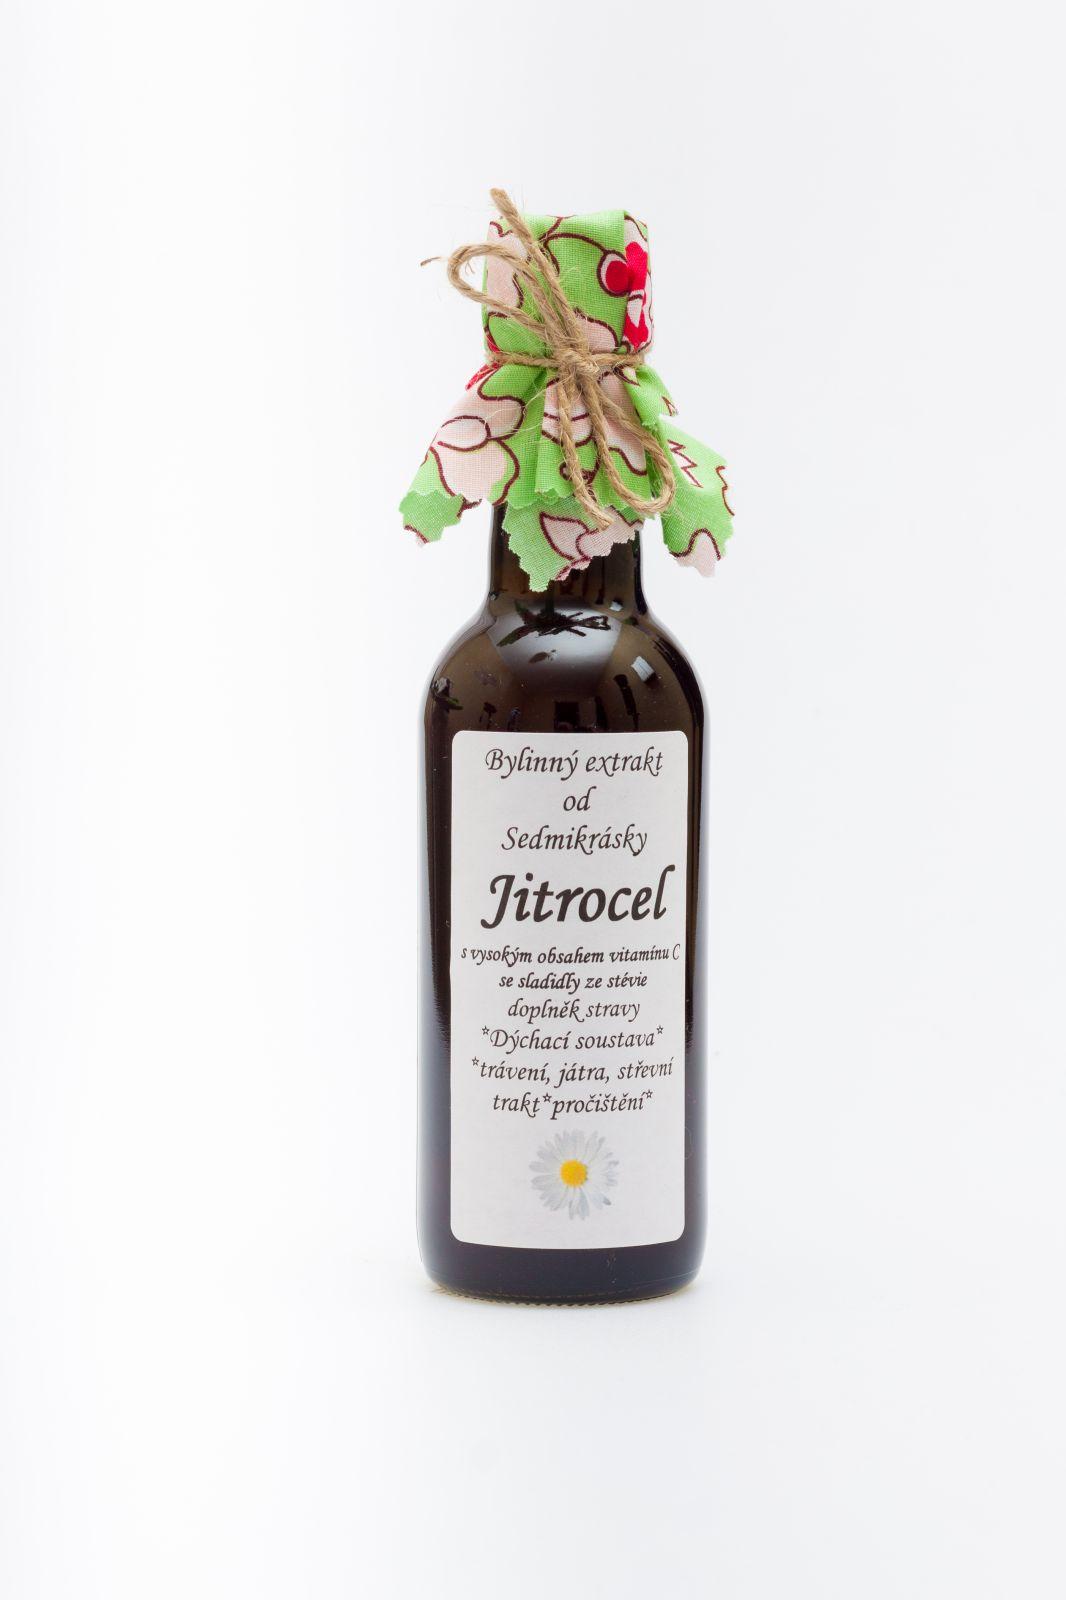 Sedmikráska bylinný extrakt Jitrocel 250 ml dýchací soustava, antioxidant, trávení, játra, střevní trakt, pročištění Rodinná farma Sedmikráska